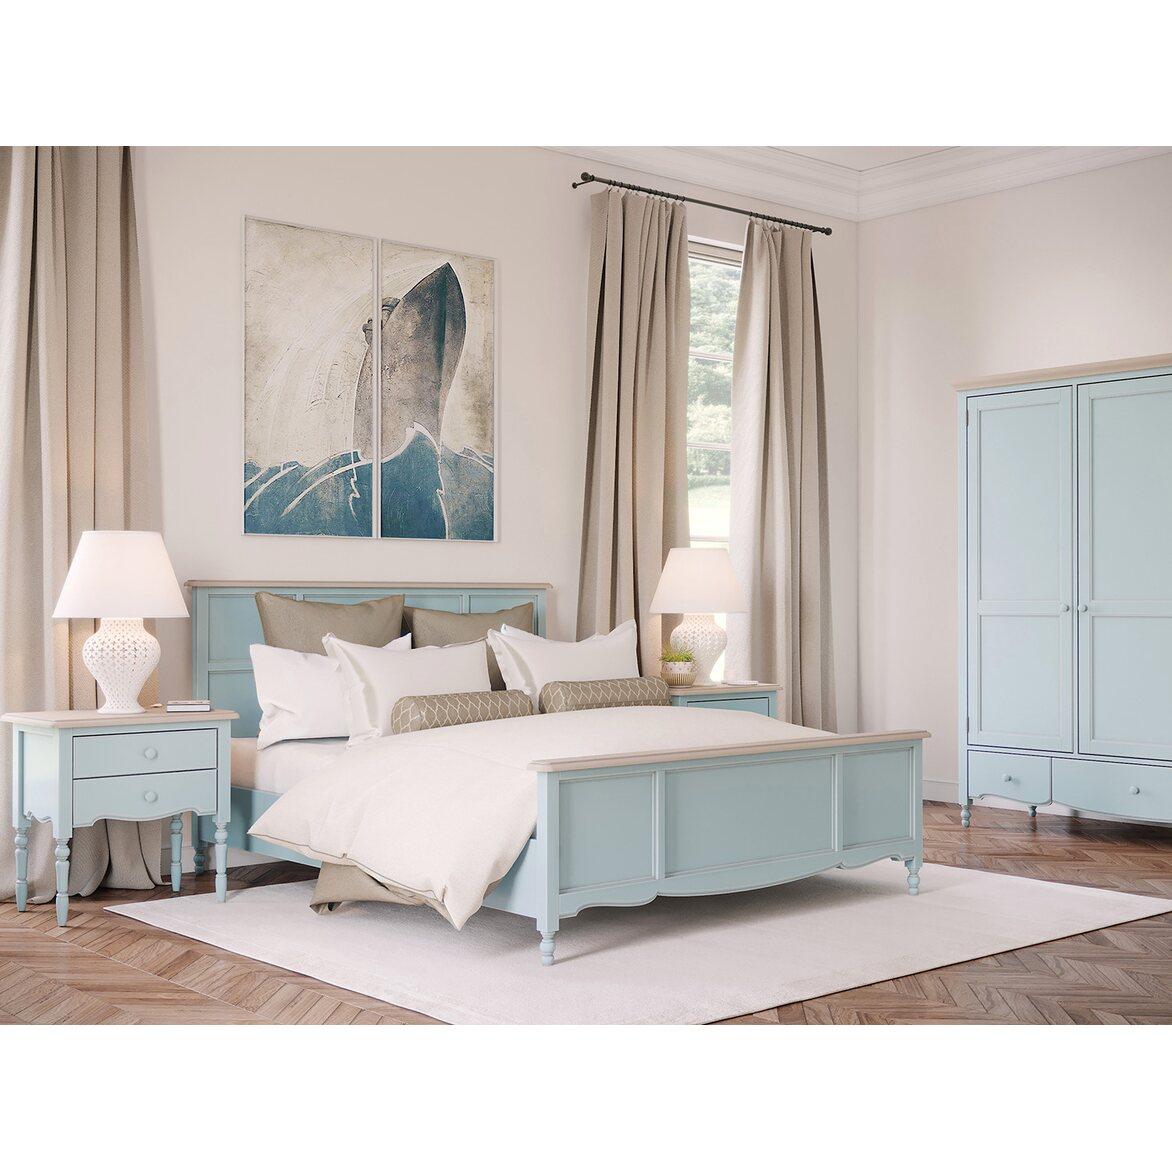 Кровать Leblanc двуспальная, голубая 4 | Двуспальные кровати Kingsby